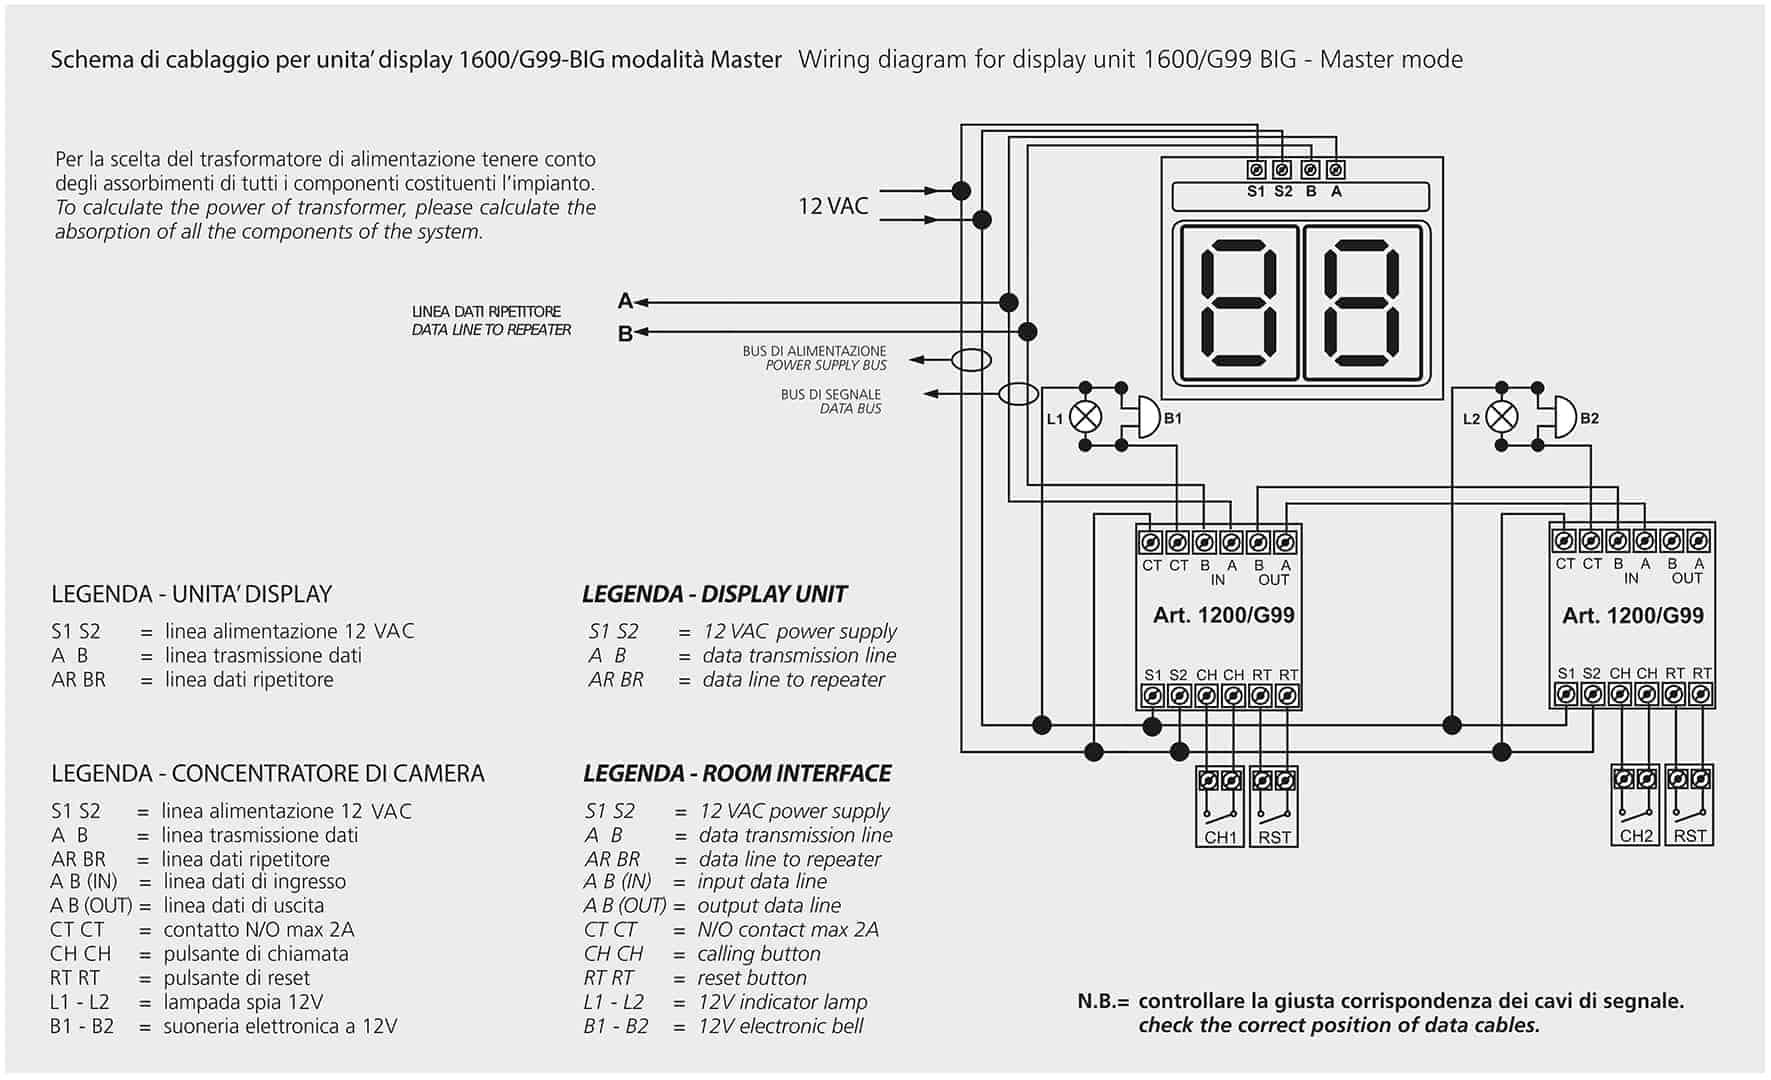 Schema Cablaggio Usb : Schema di cablaggio per unita display g big modalita master